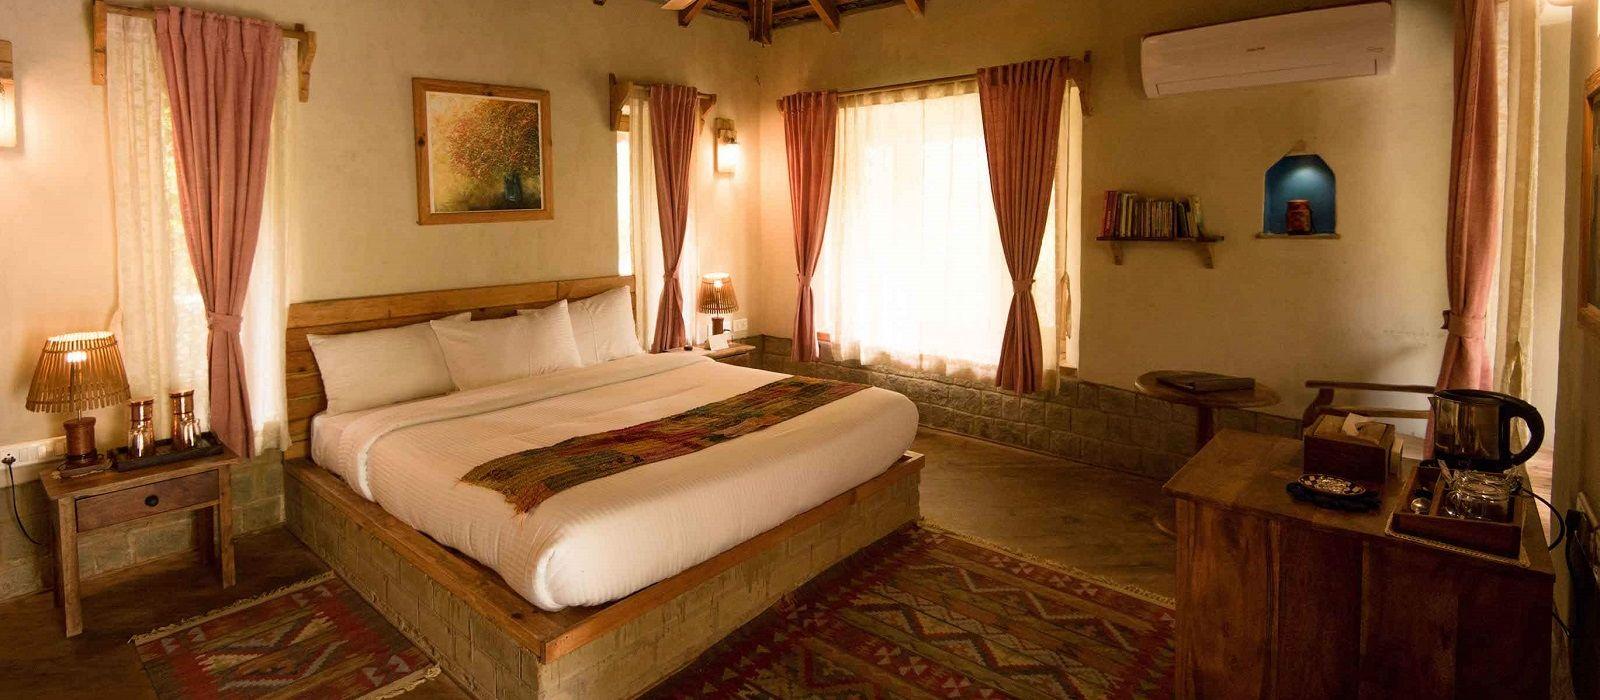 Hotel The Lodge at Wah Nordindien